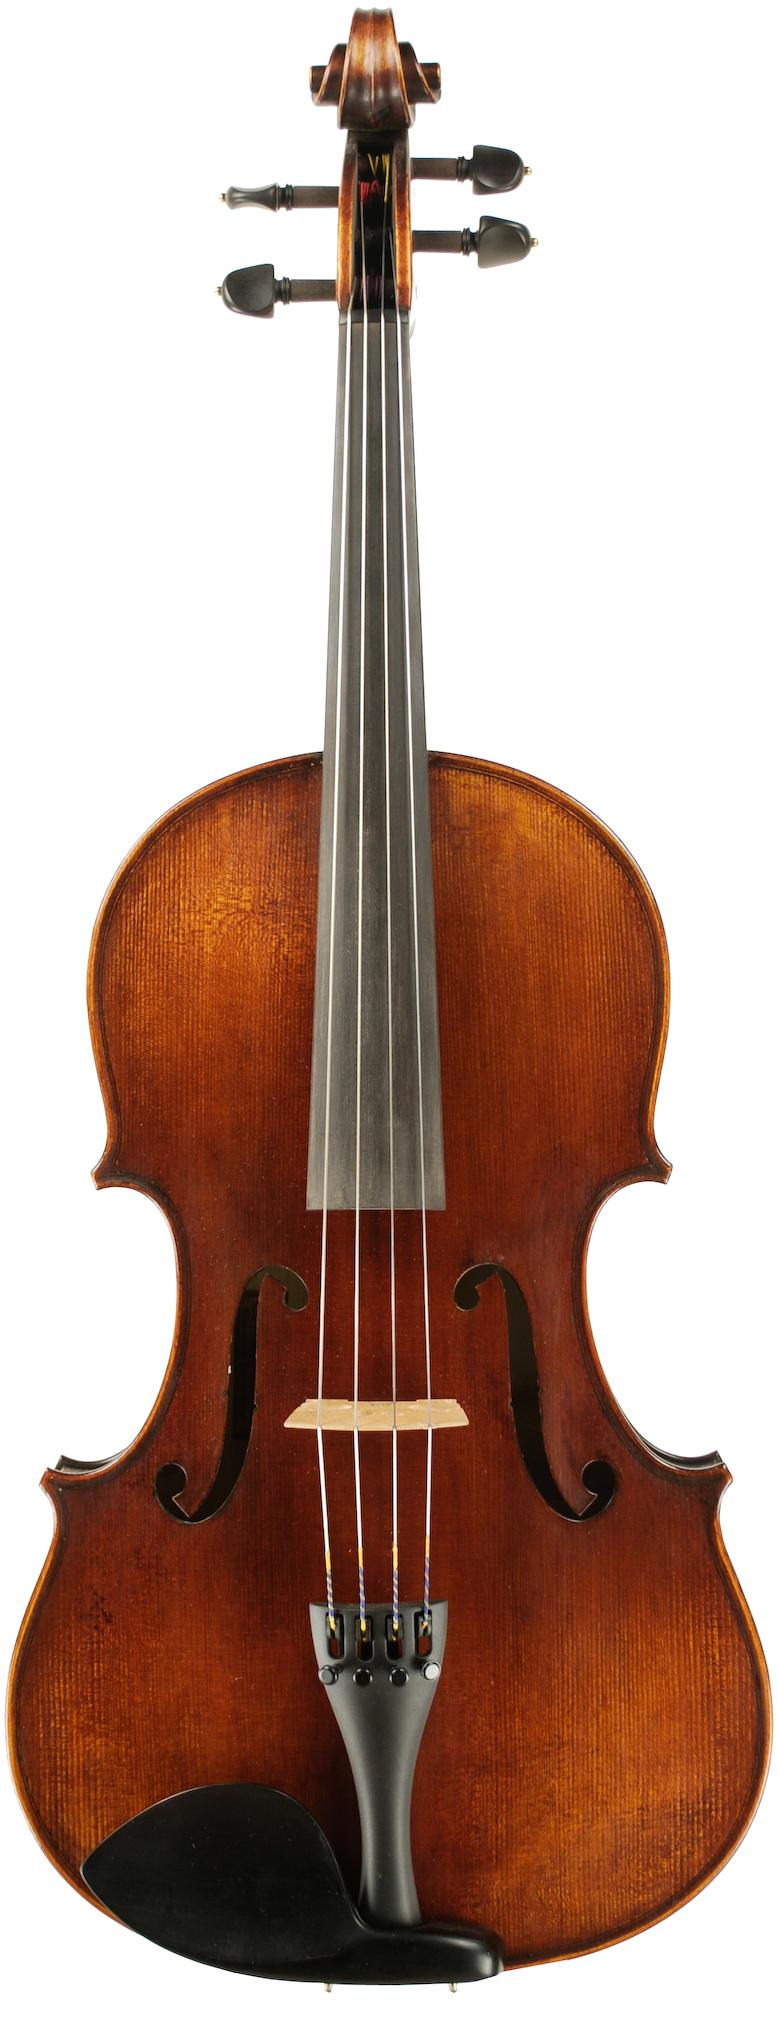 Eastman 305 Tertis Model Viola